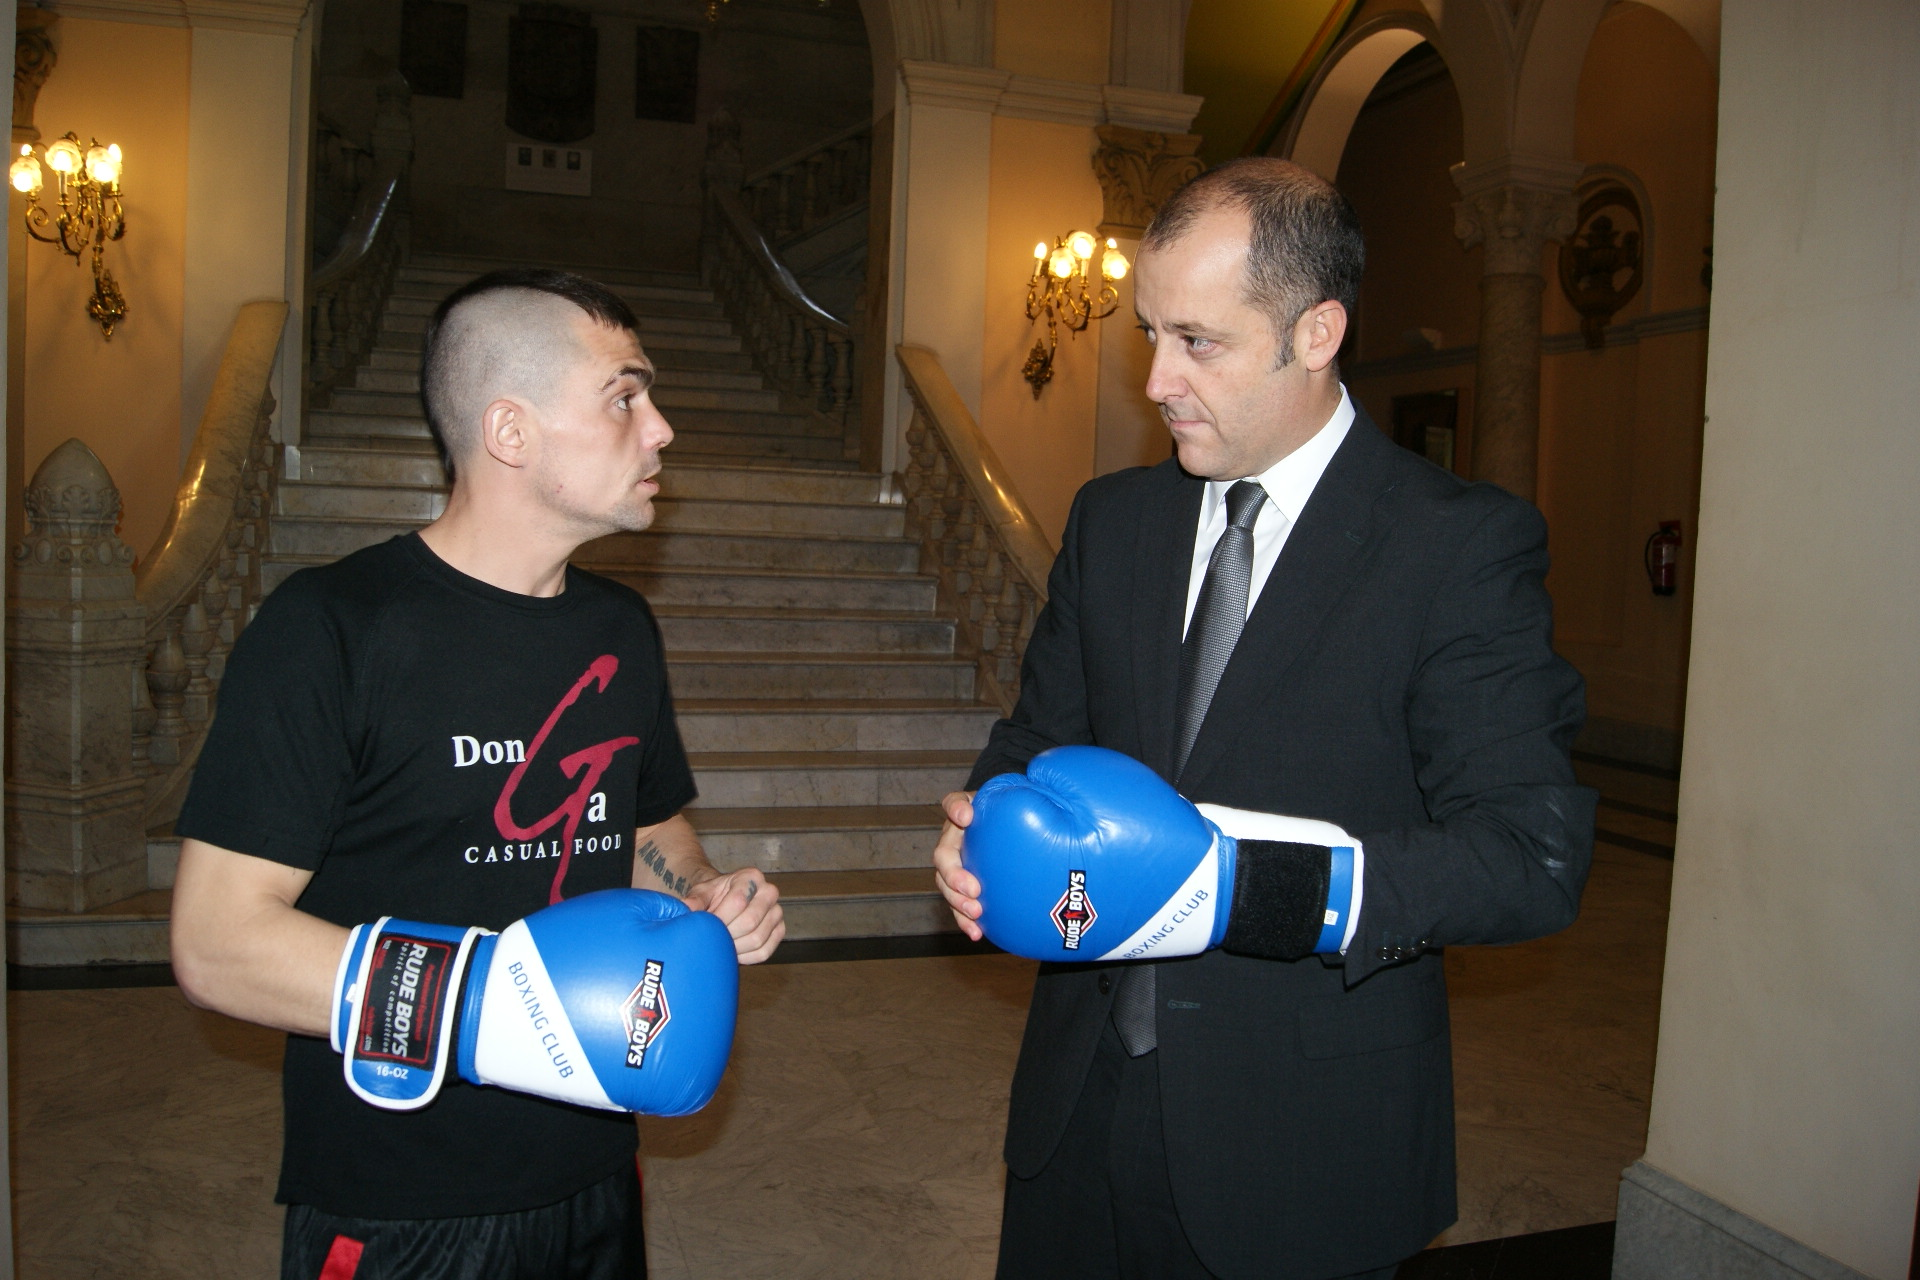 El boxeador profesional Andoni gago prueba unos guantes junto al concejal de deportes del Ayuntamiento de Bilbao, señor Anuzita.